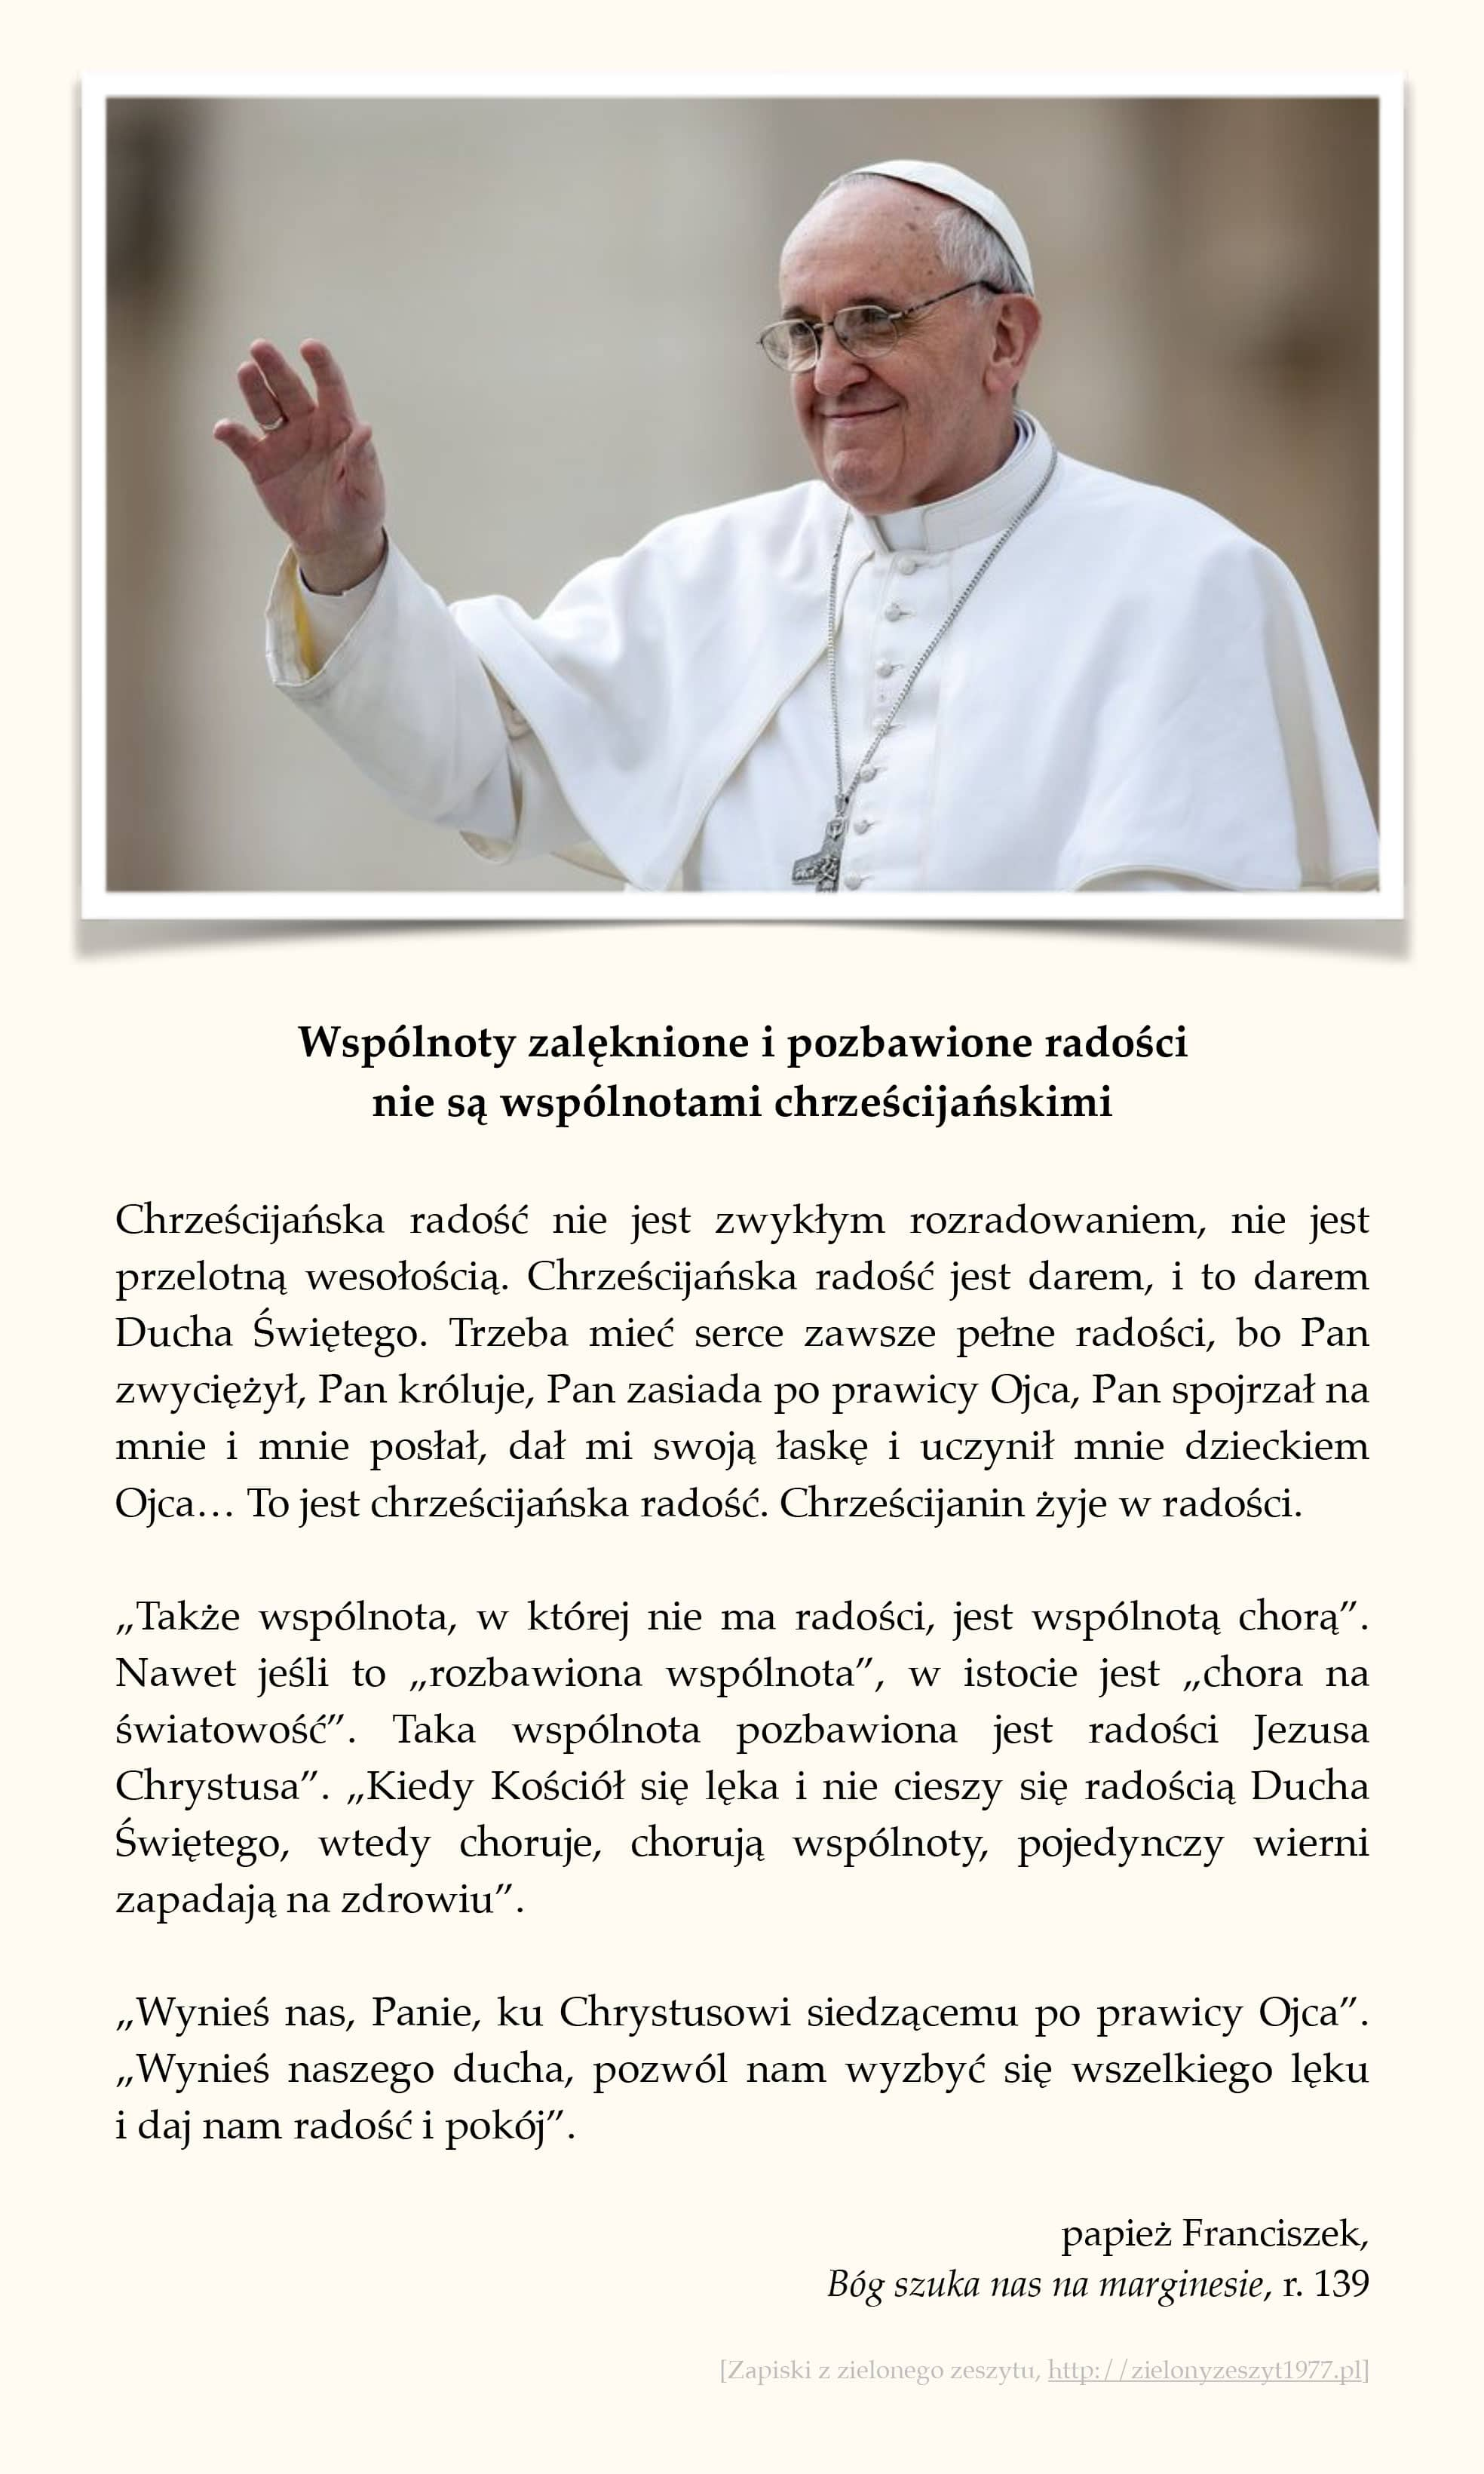 """papież Franciszek, """"Bóg szuka nas na marginesie"""", r. 139 (Wspólnoty zalęknione i pozbawione radości nie są wspólnotami chrześcijańskimi)"""